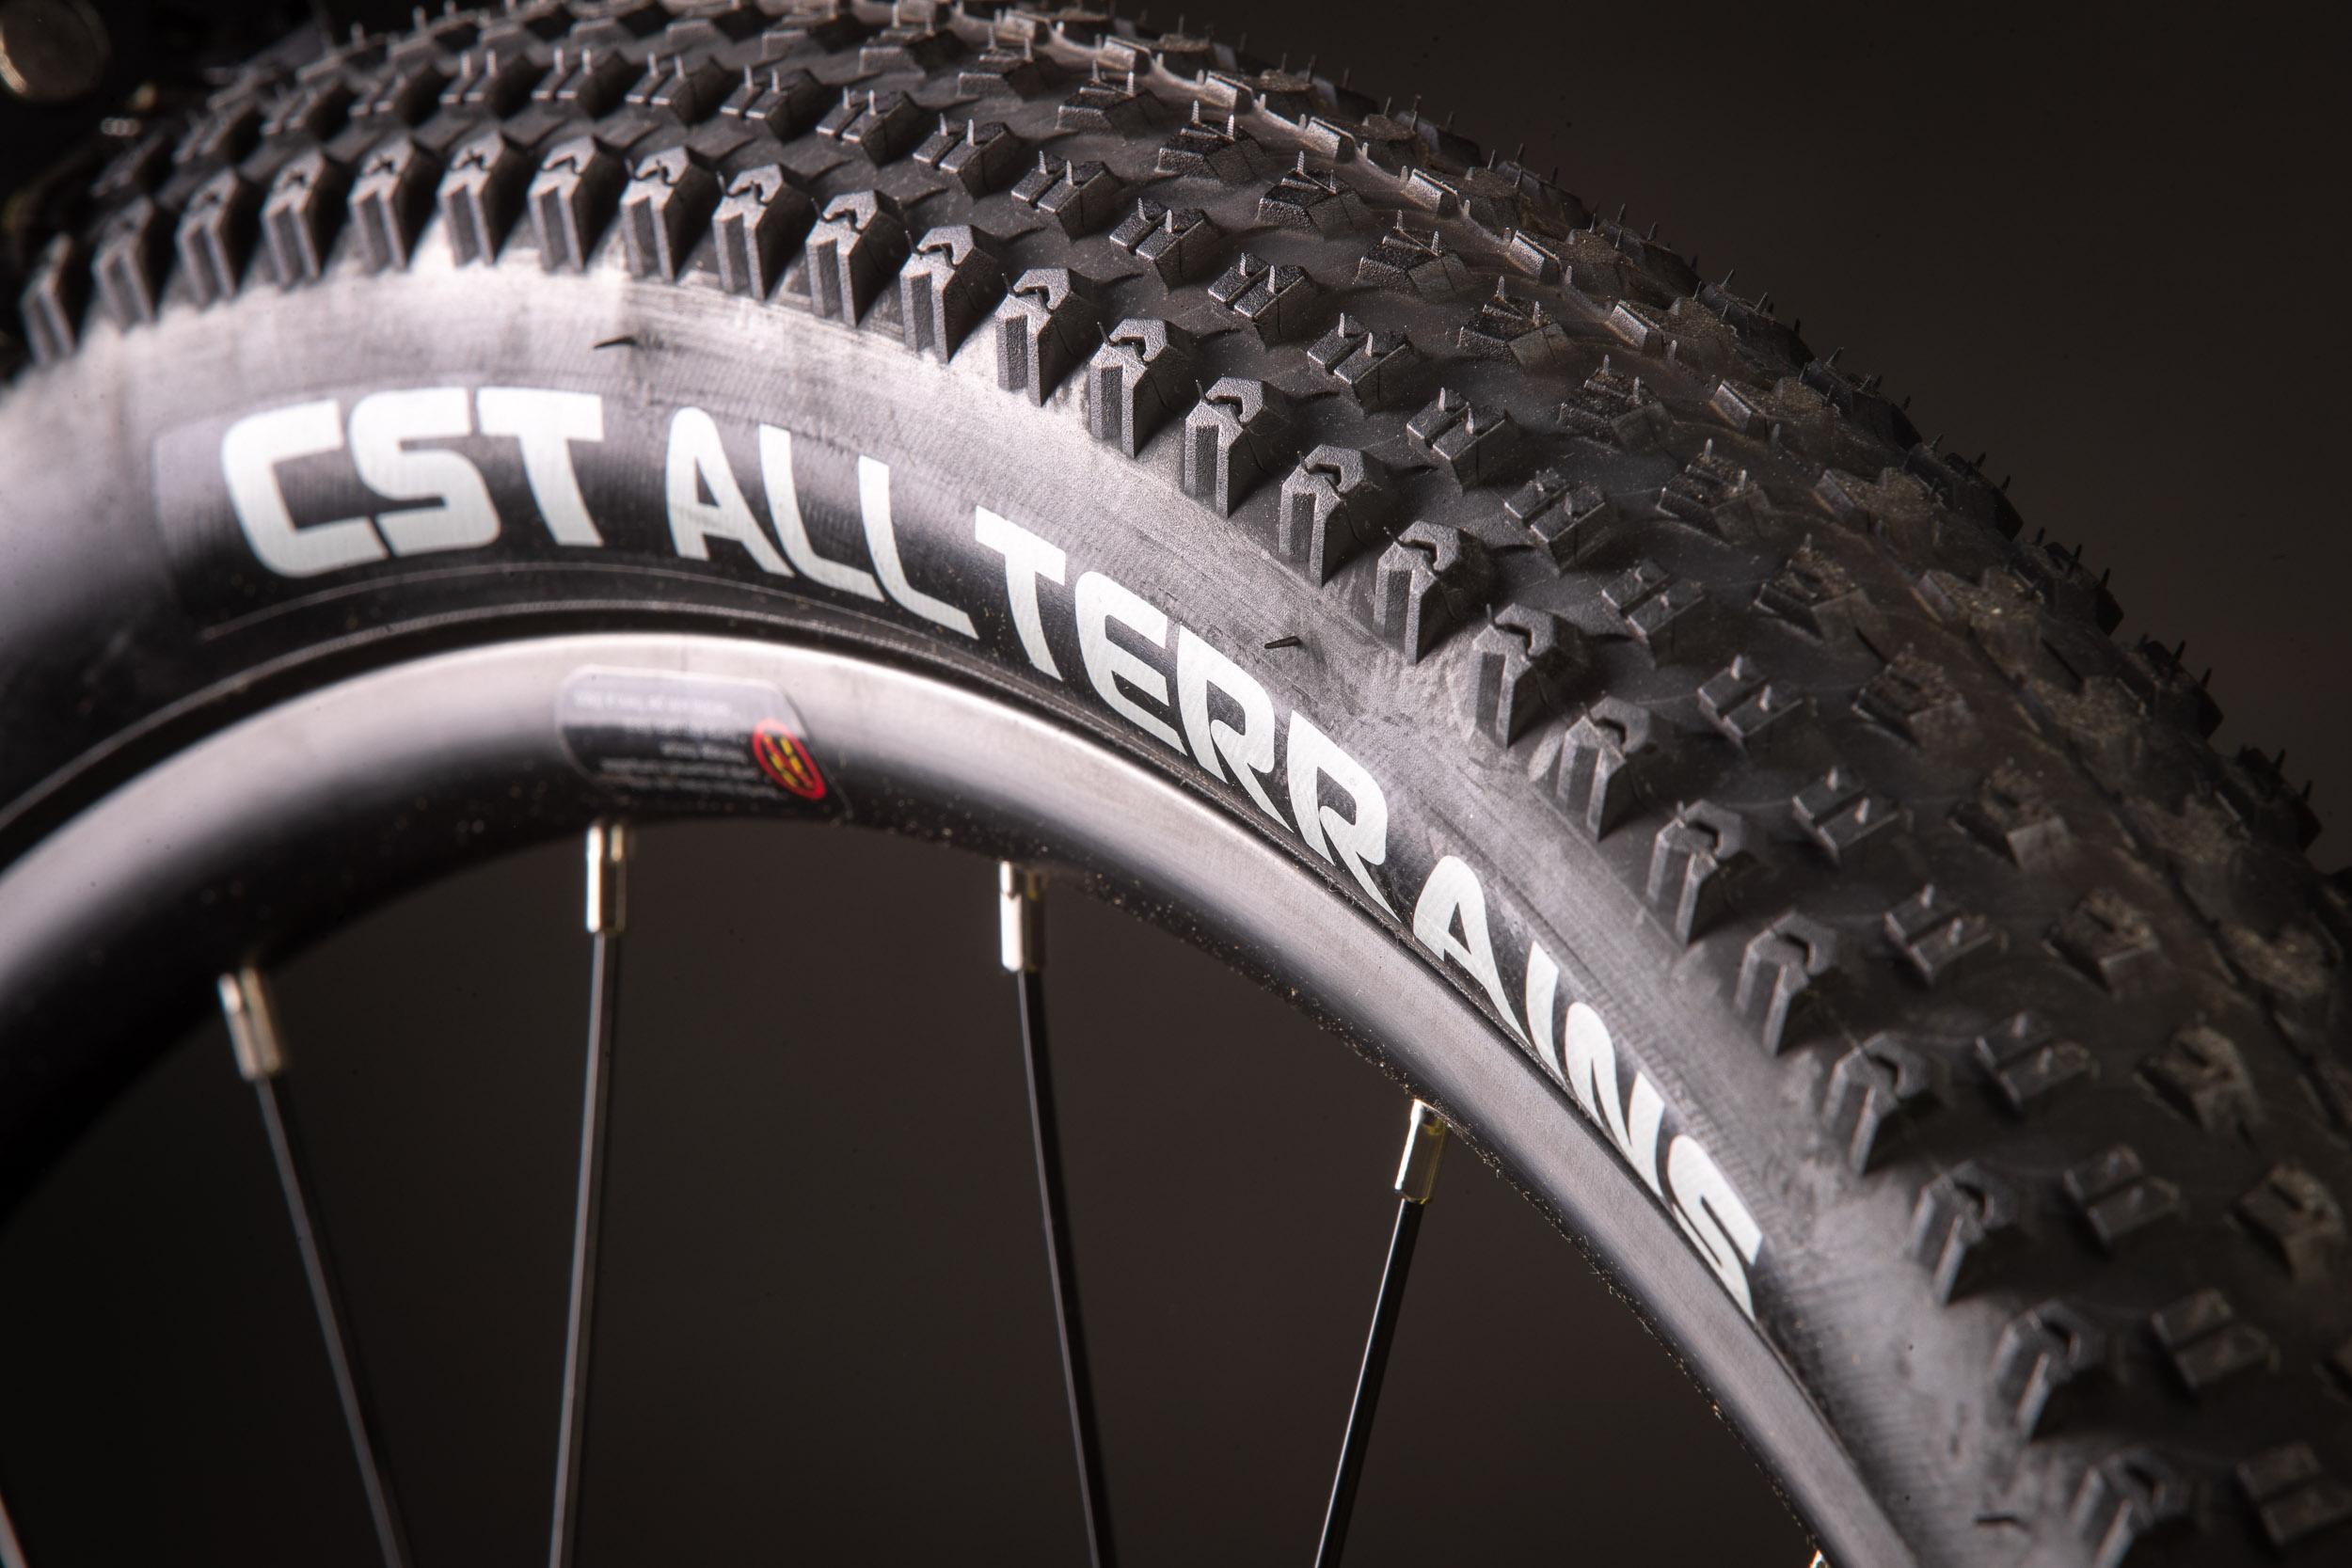 #1 Breite Plus-Reifen in 2,4 Zoll für maximalen Komfort